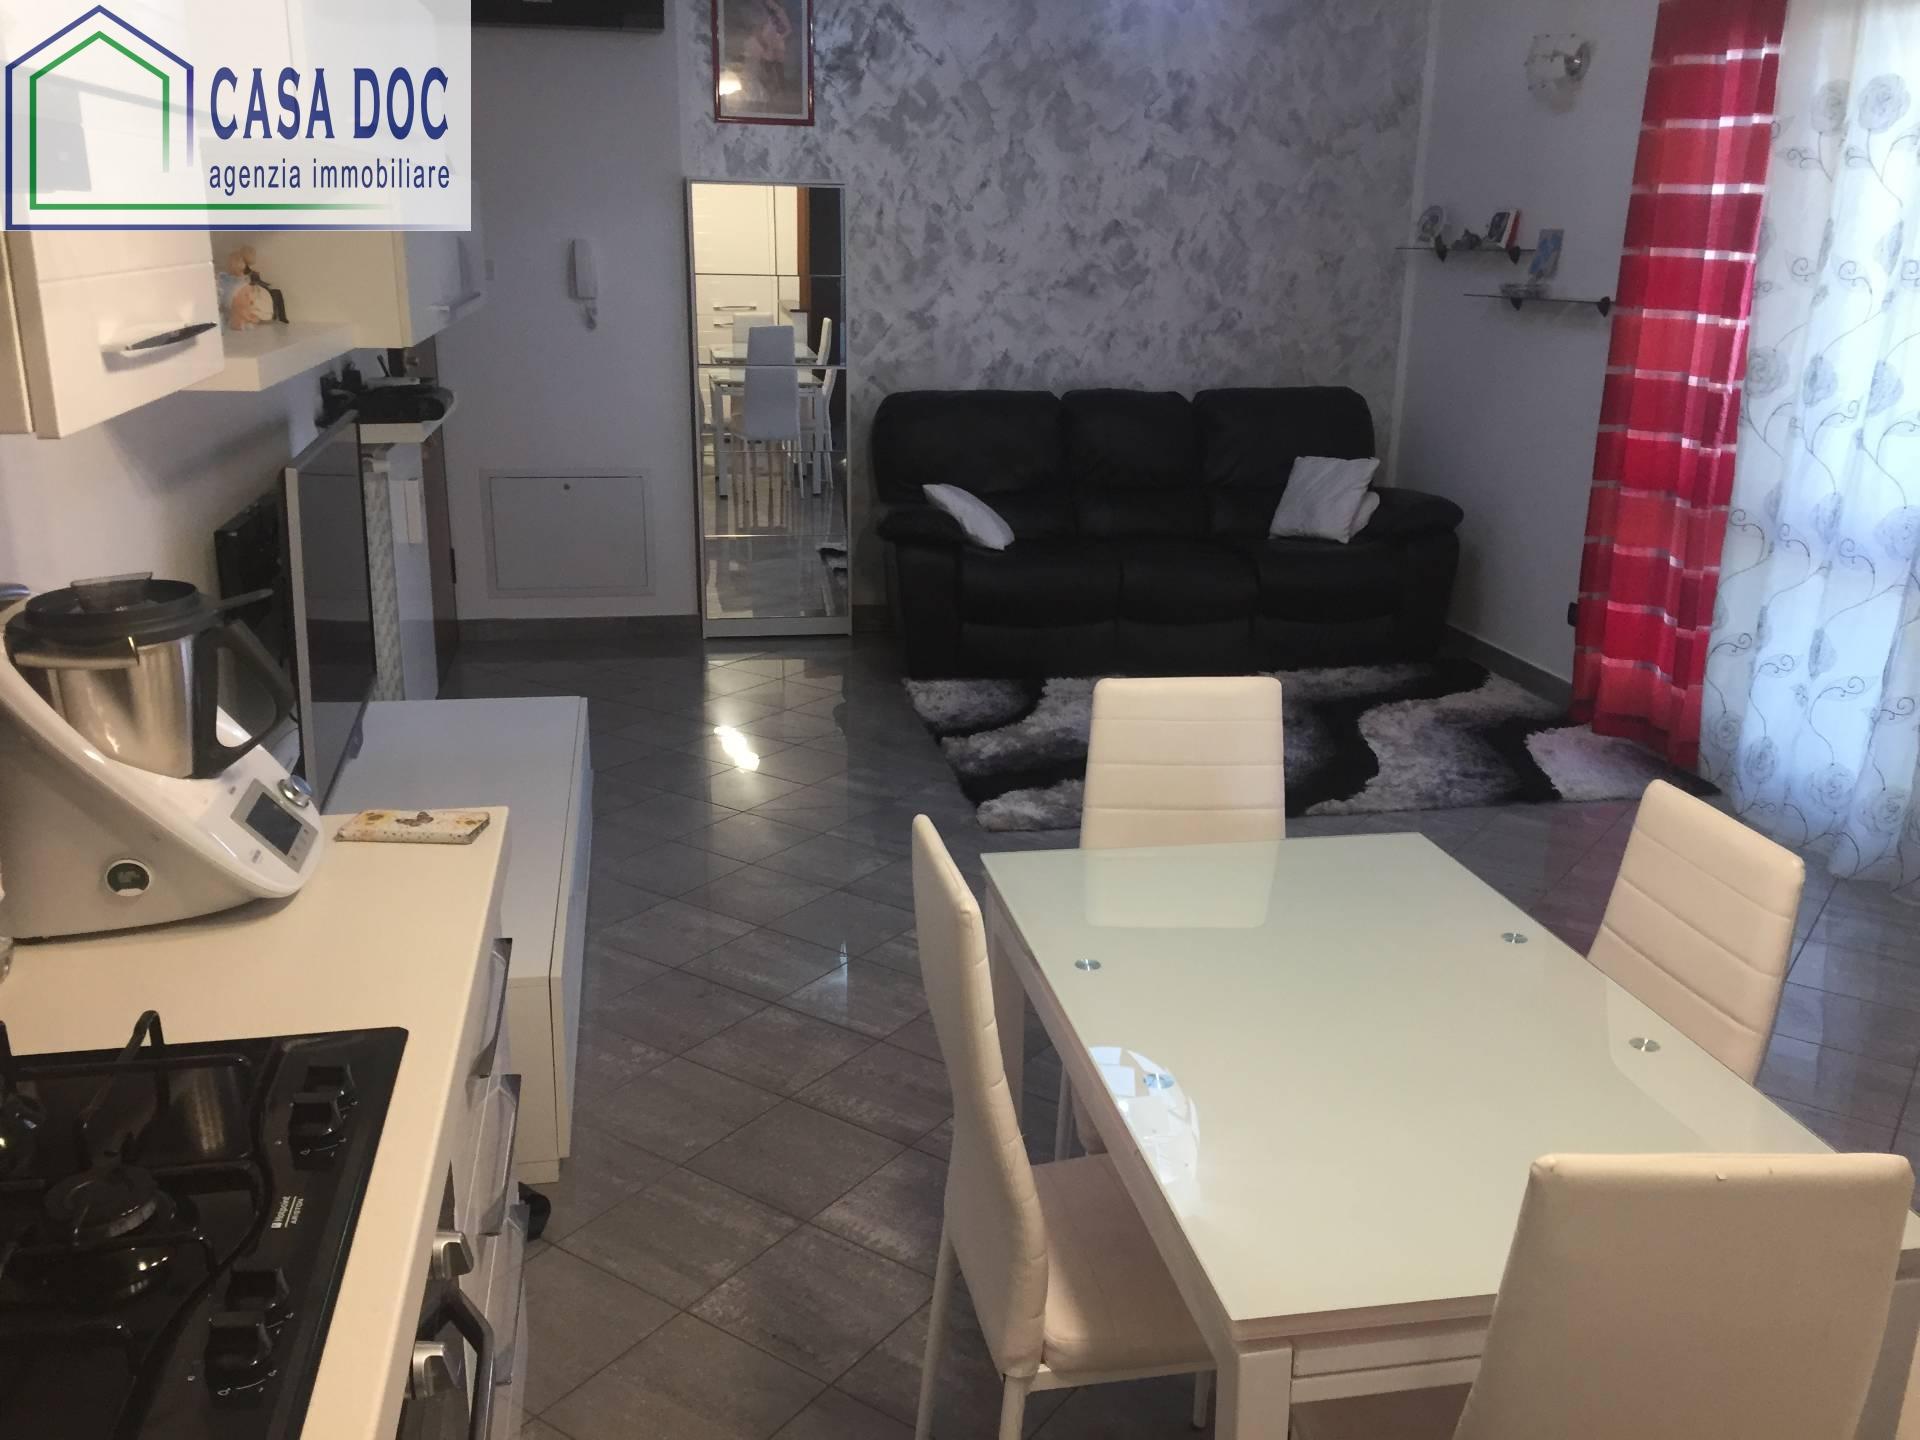 Appartamento in vendita a Torrevecchia Pia, 3 locali, prezzo € 149.000 | CambioCasa.it